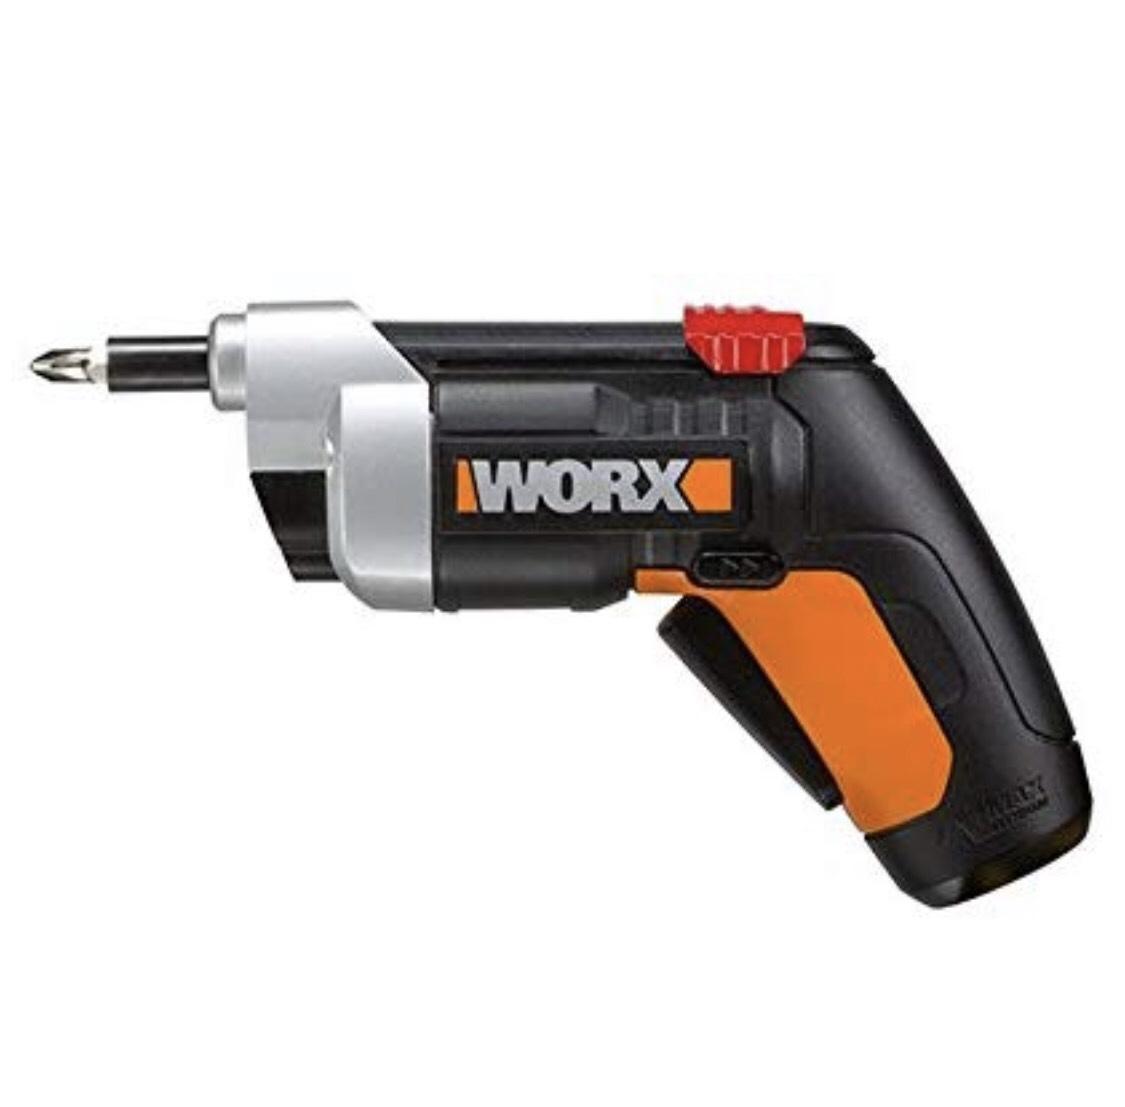 WORX WX252 Extended Reach XTD Cordless Screwdriver £15 (Prime) / £19.49 (non Prime) on Amazon